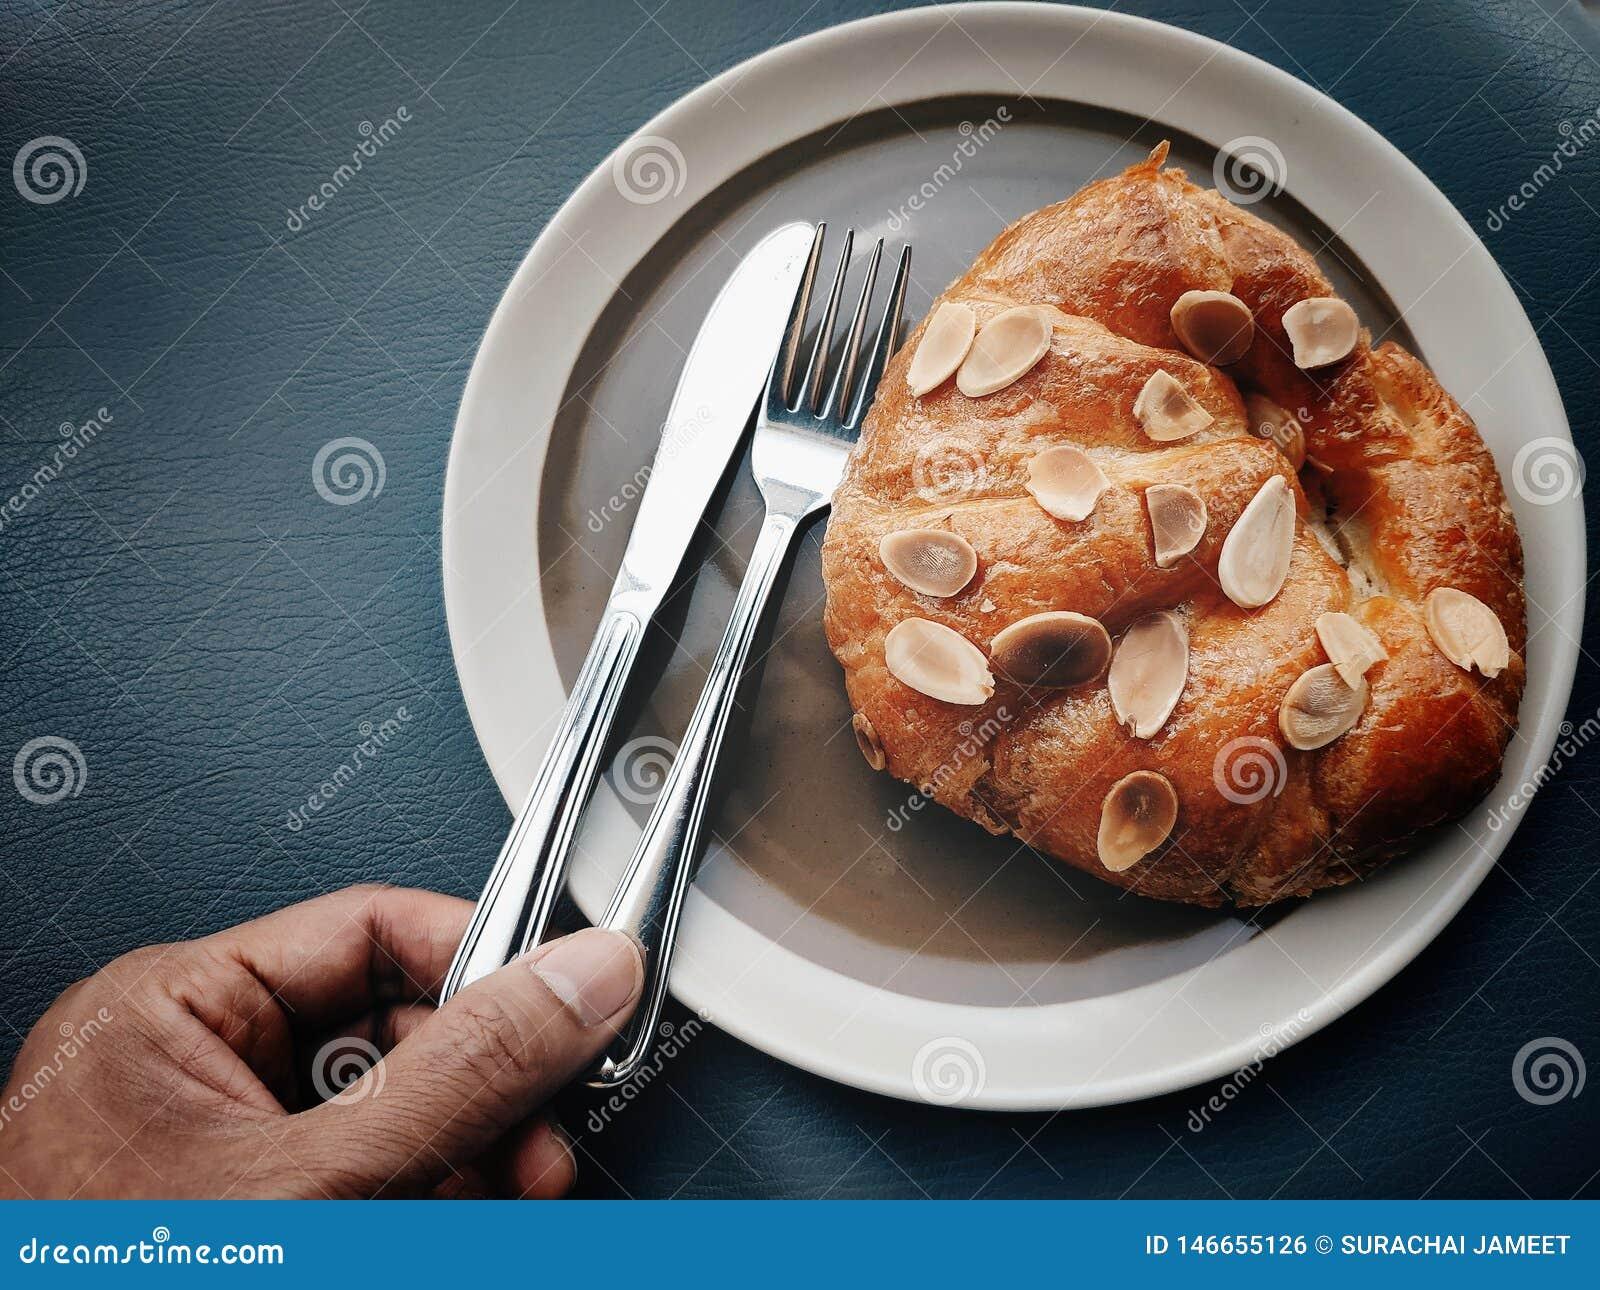 Рука комплектует нож и вилку для еды круассана с отрезанными миндалинами на верхней части